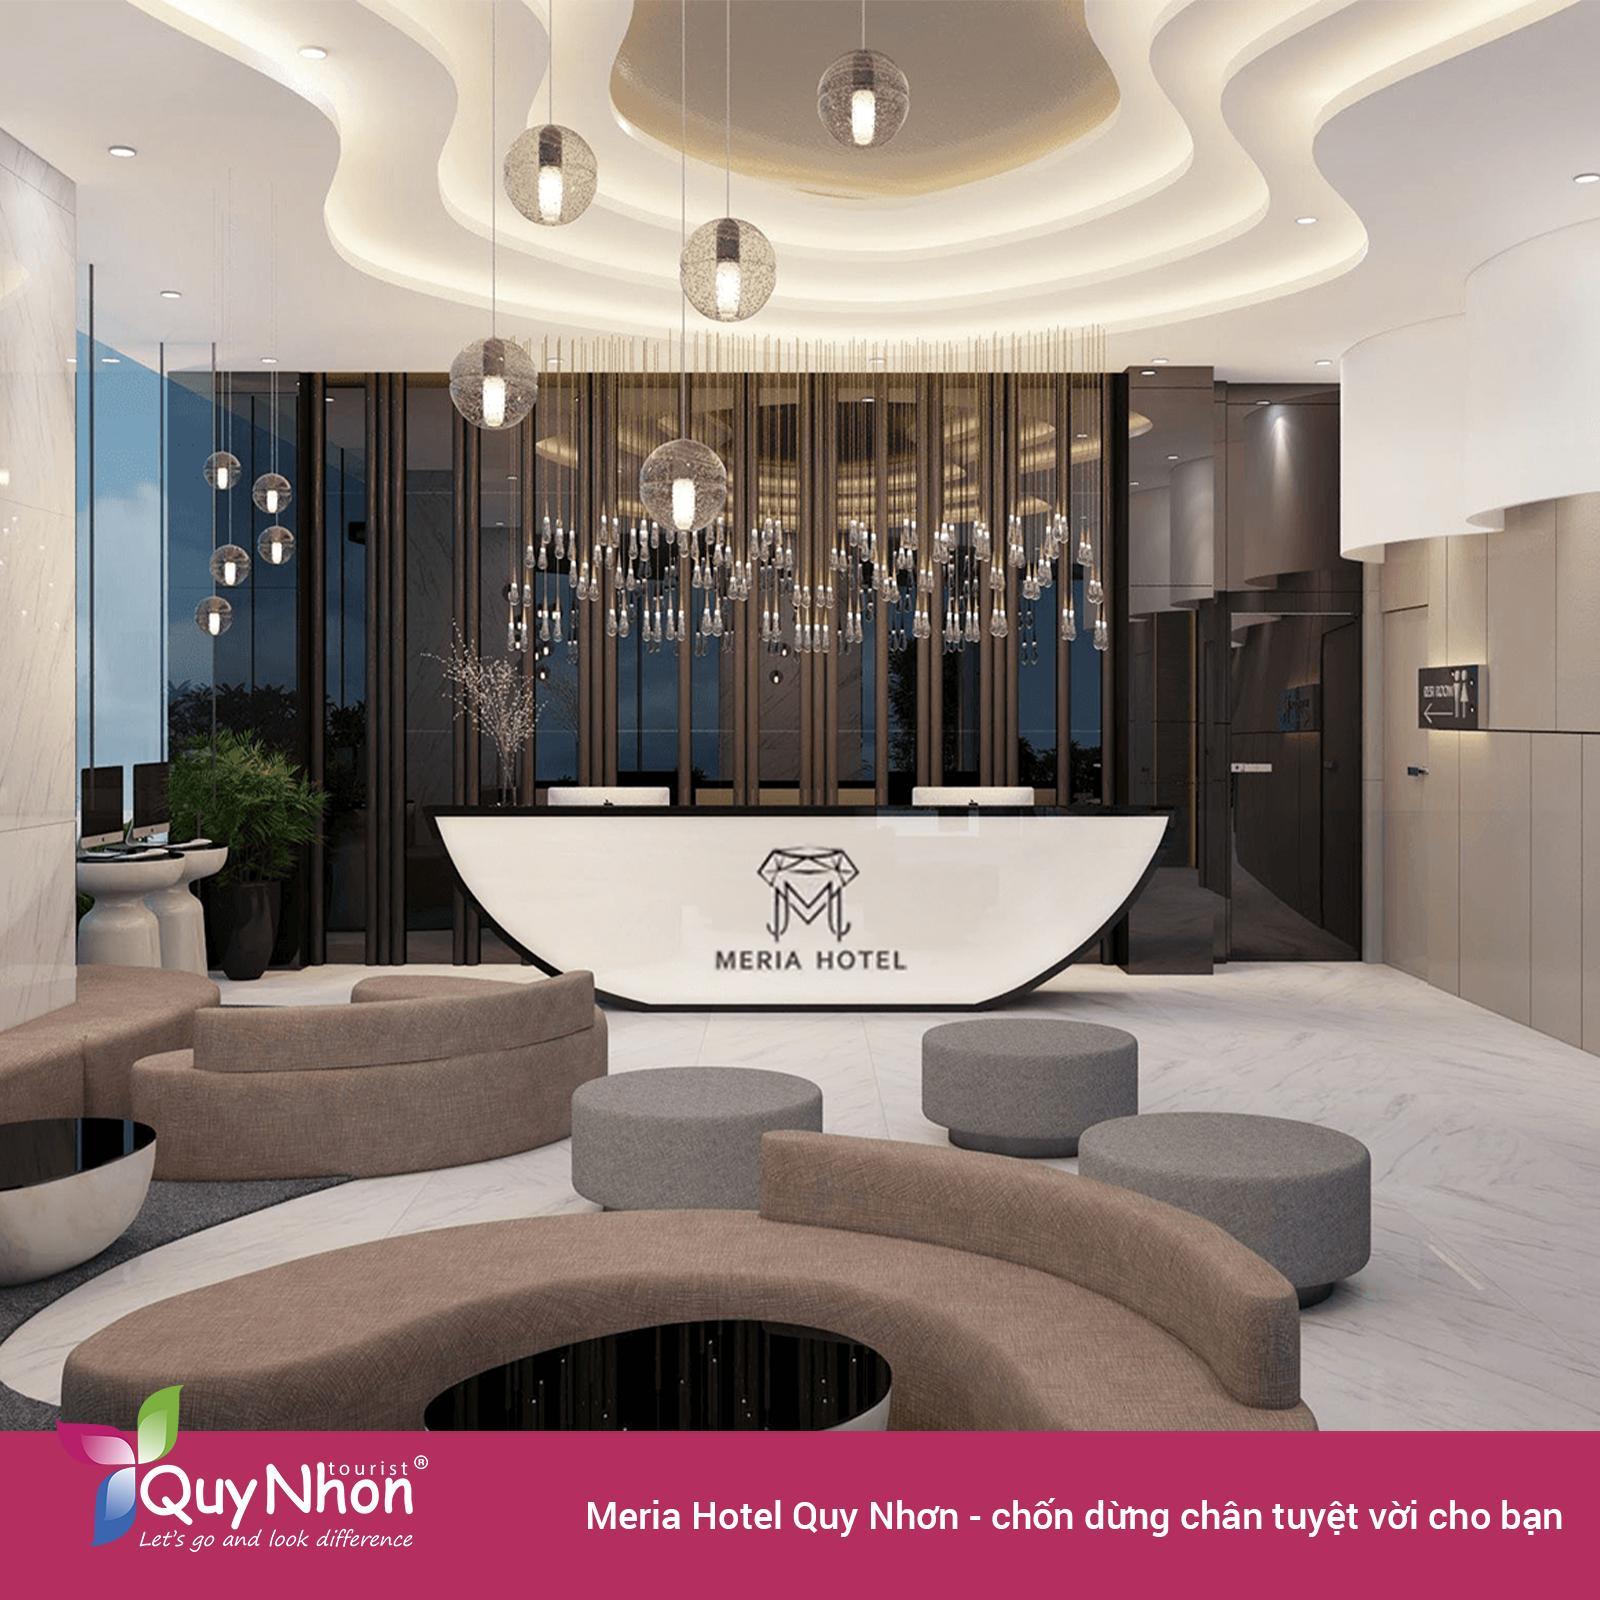 Meria Hotel Quy Nhơn - chốn dừng chân tuyệt vời.